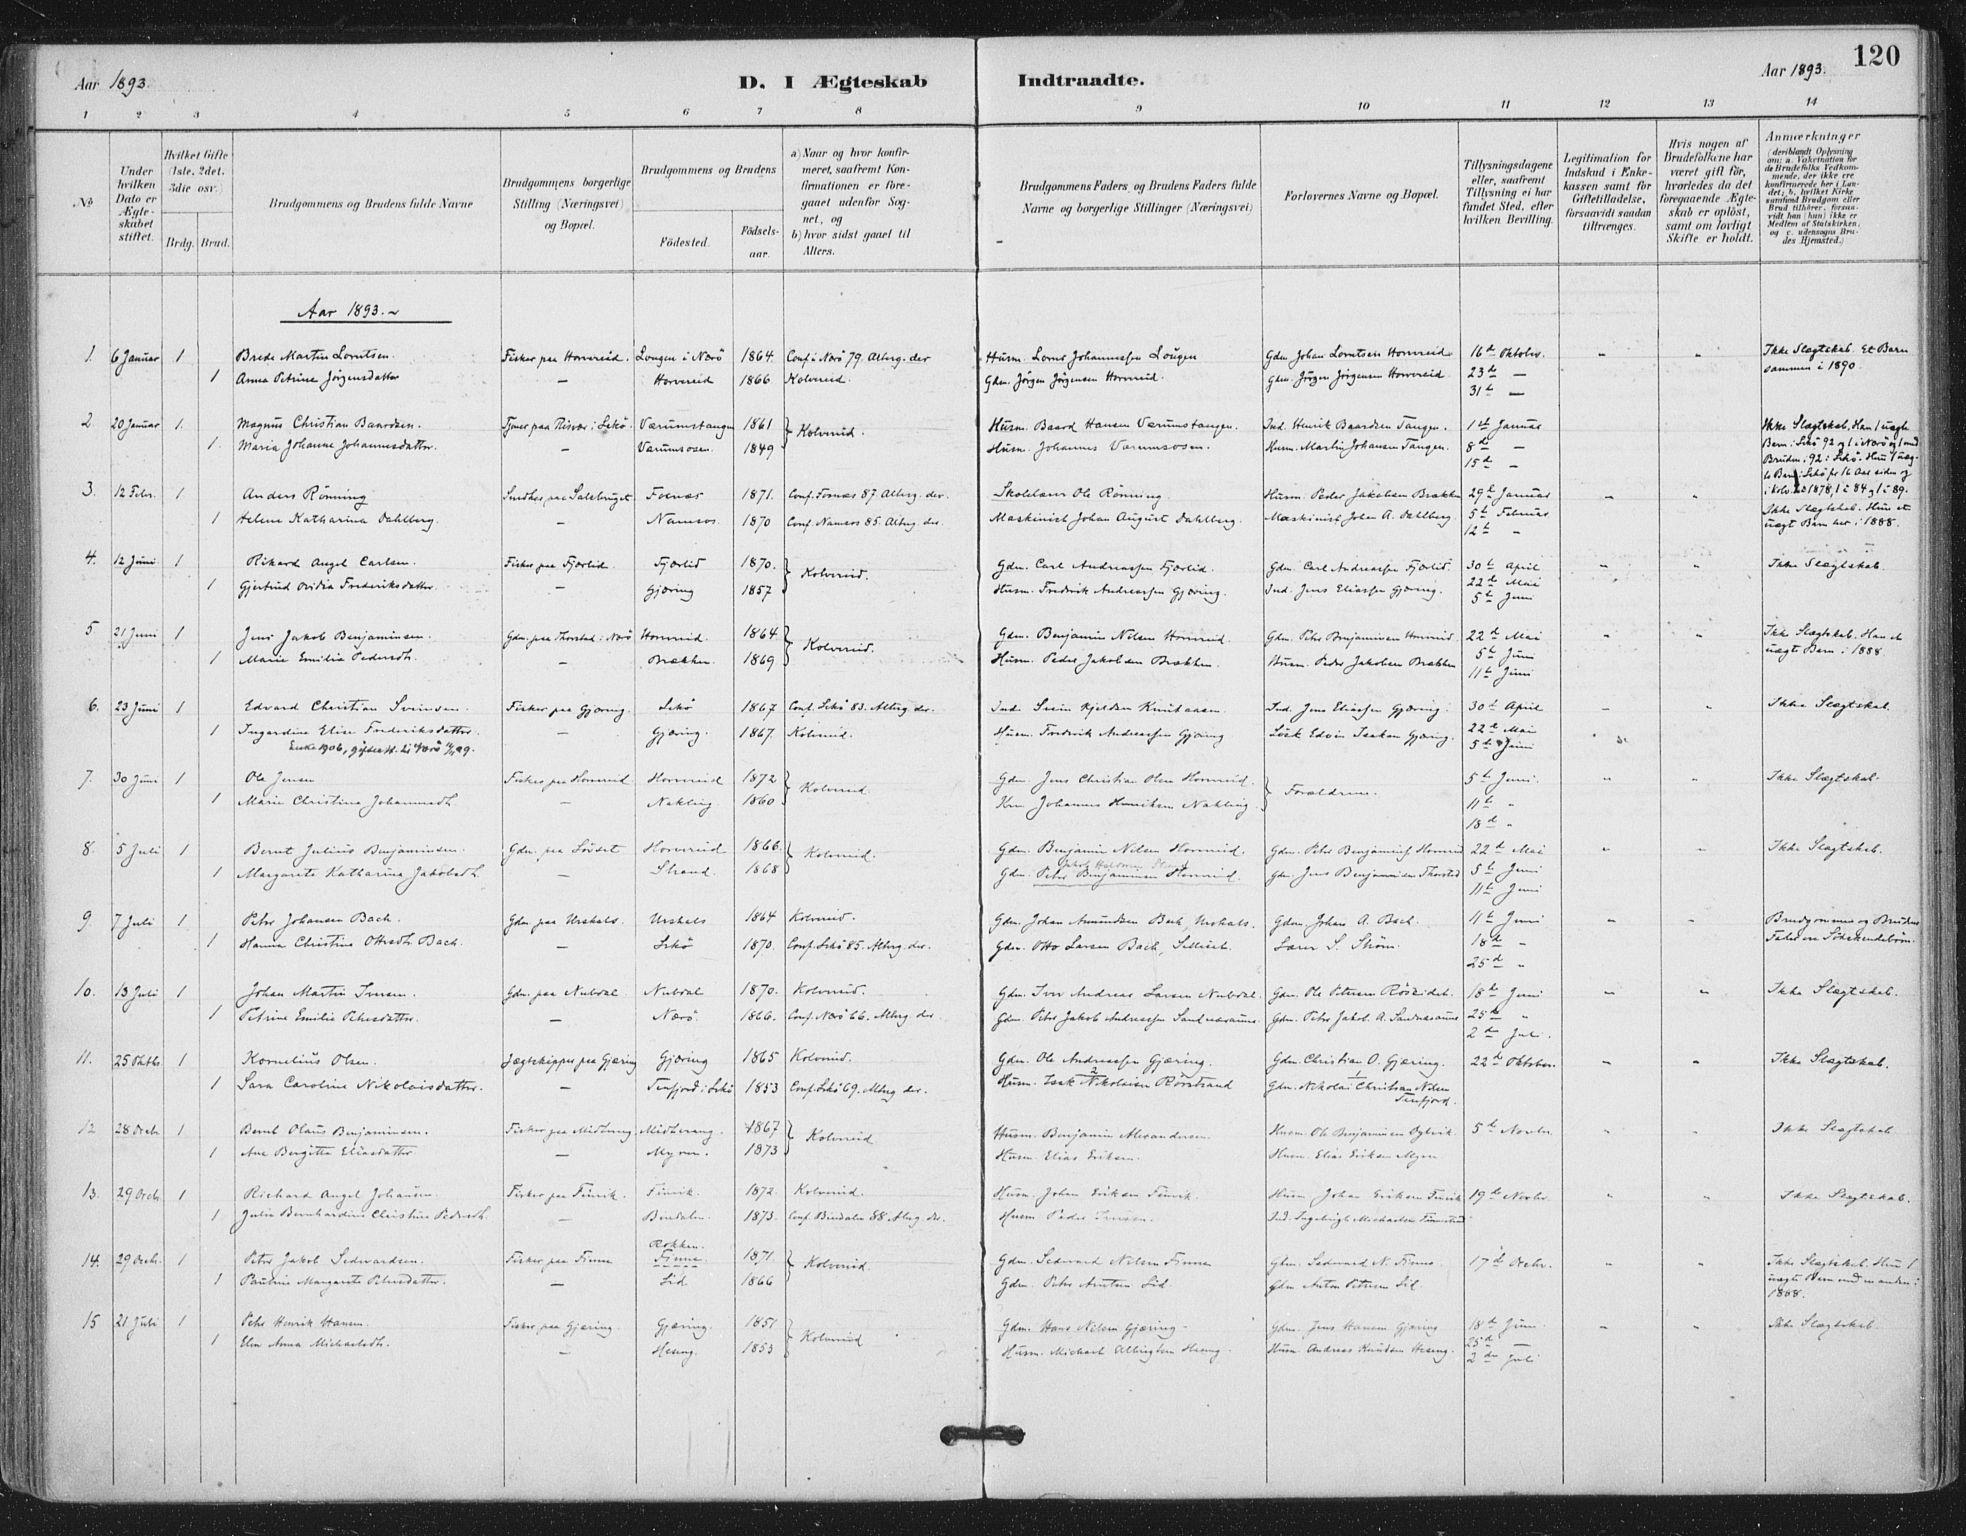 SAT, Ministerialprotokoller, klokkerbøker og fødselsregistre - Nord-Trøndelag, 780/L0644: Ministerialbok nr. 780A08, 1886-1903, s. 120